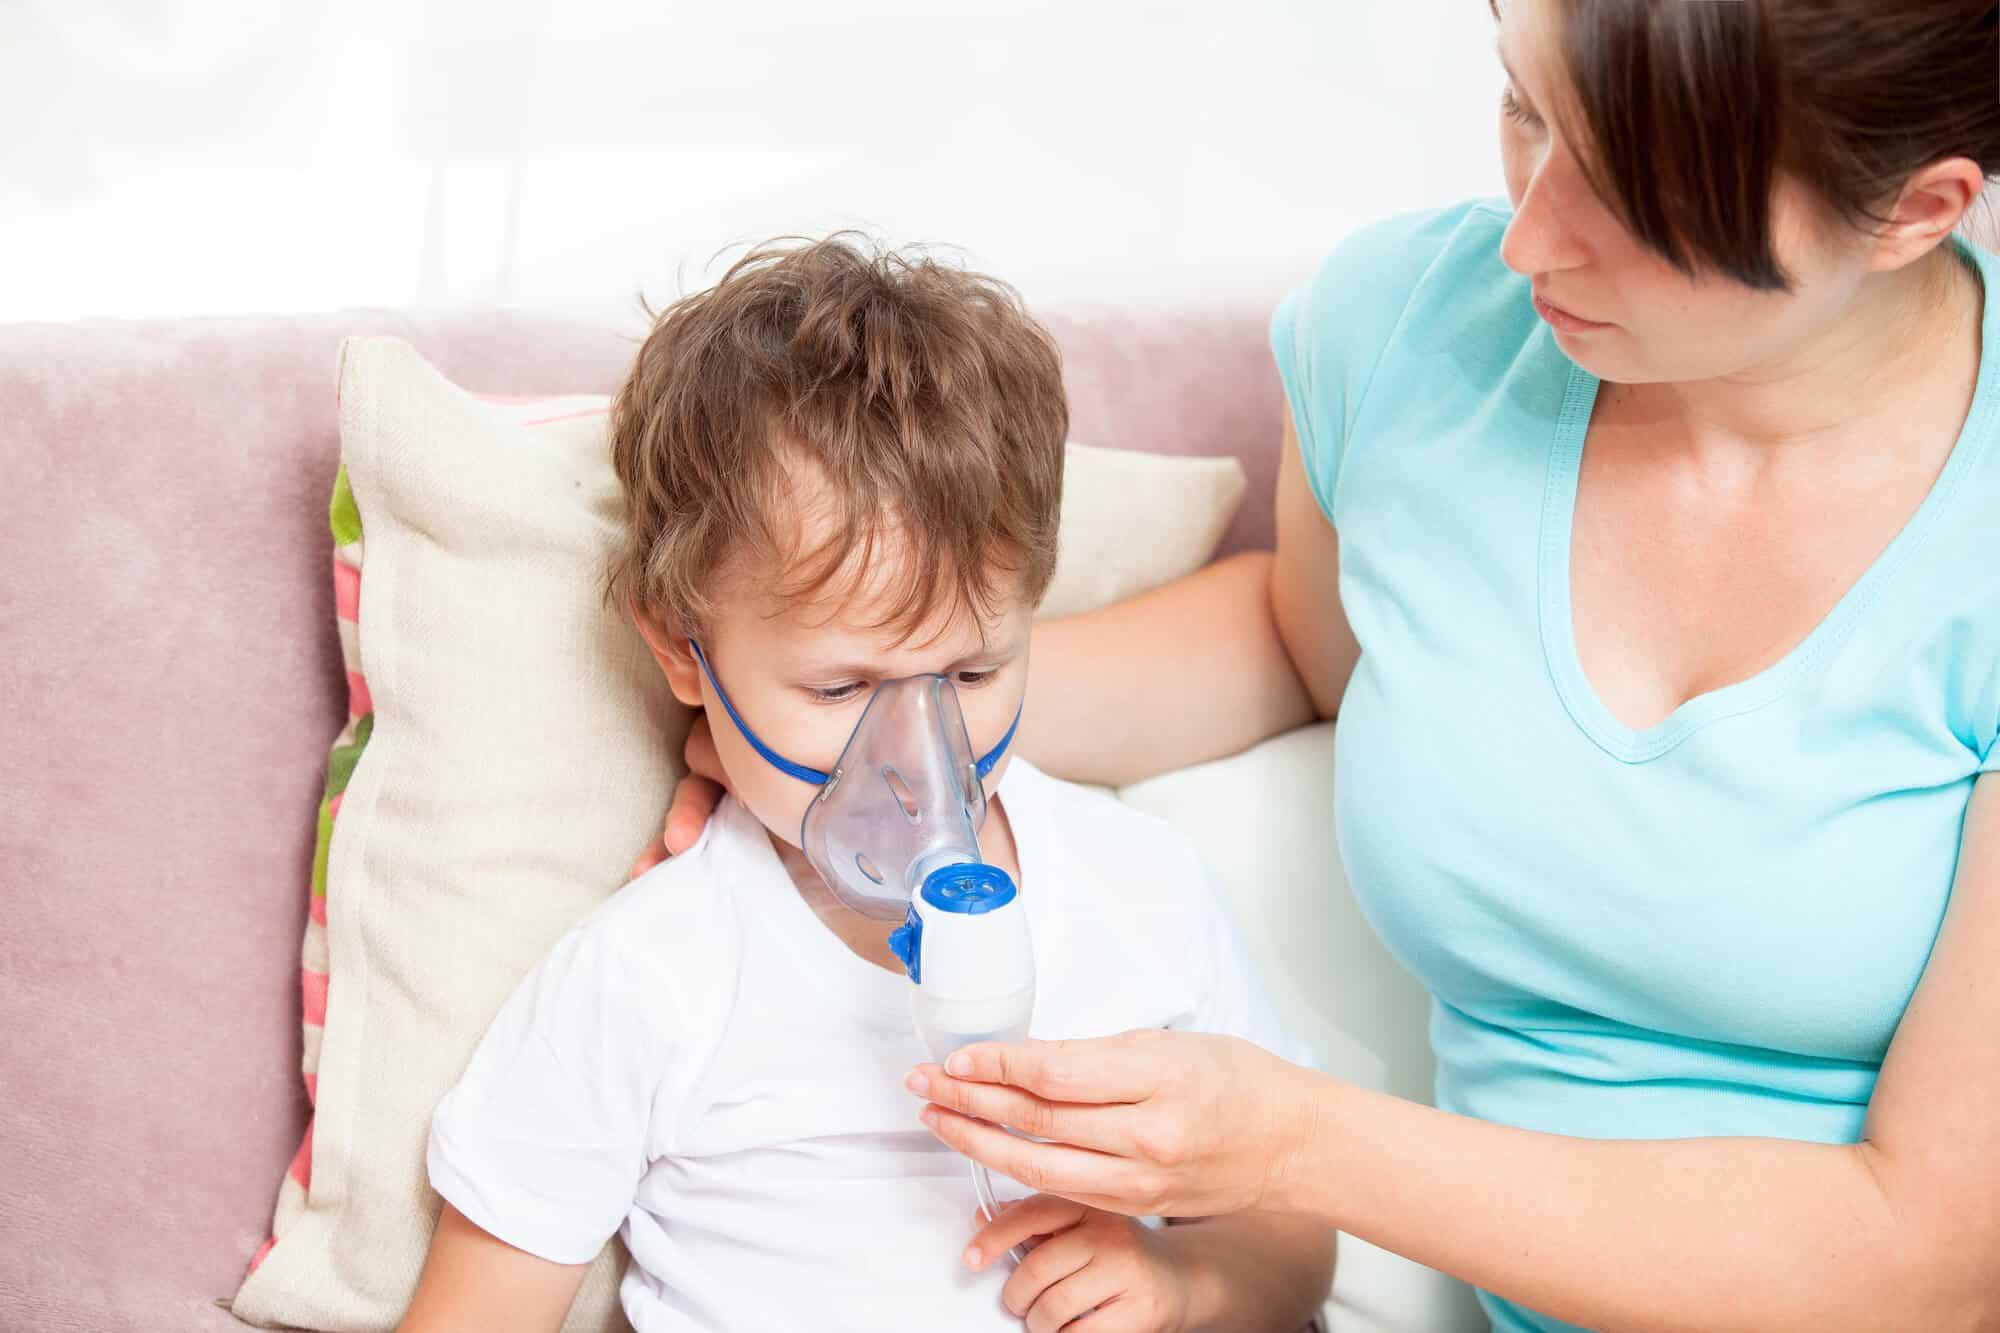 Para que serve a nebulização